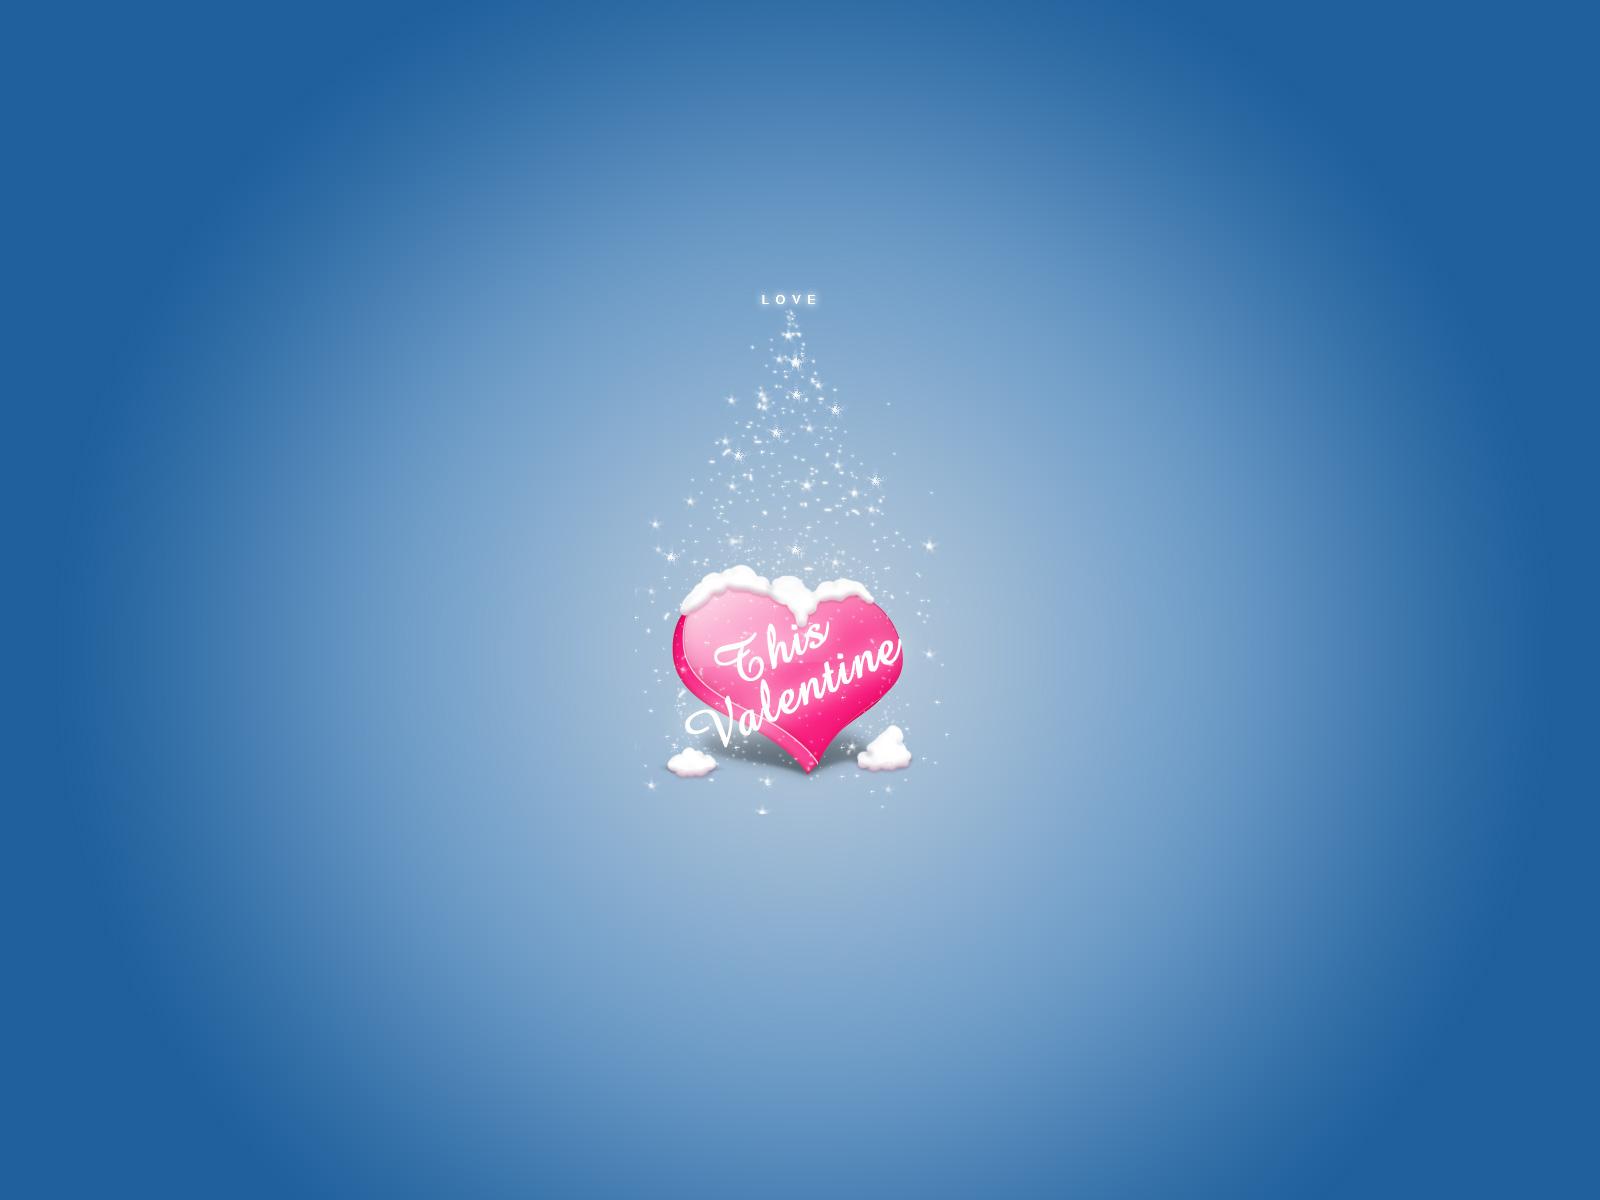 Valentine Day, День Святого Валентина, скачать фото, обои для рабочего стола